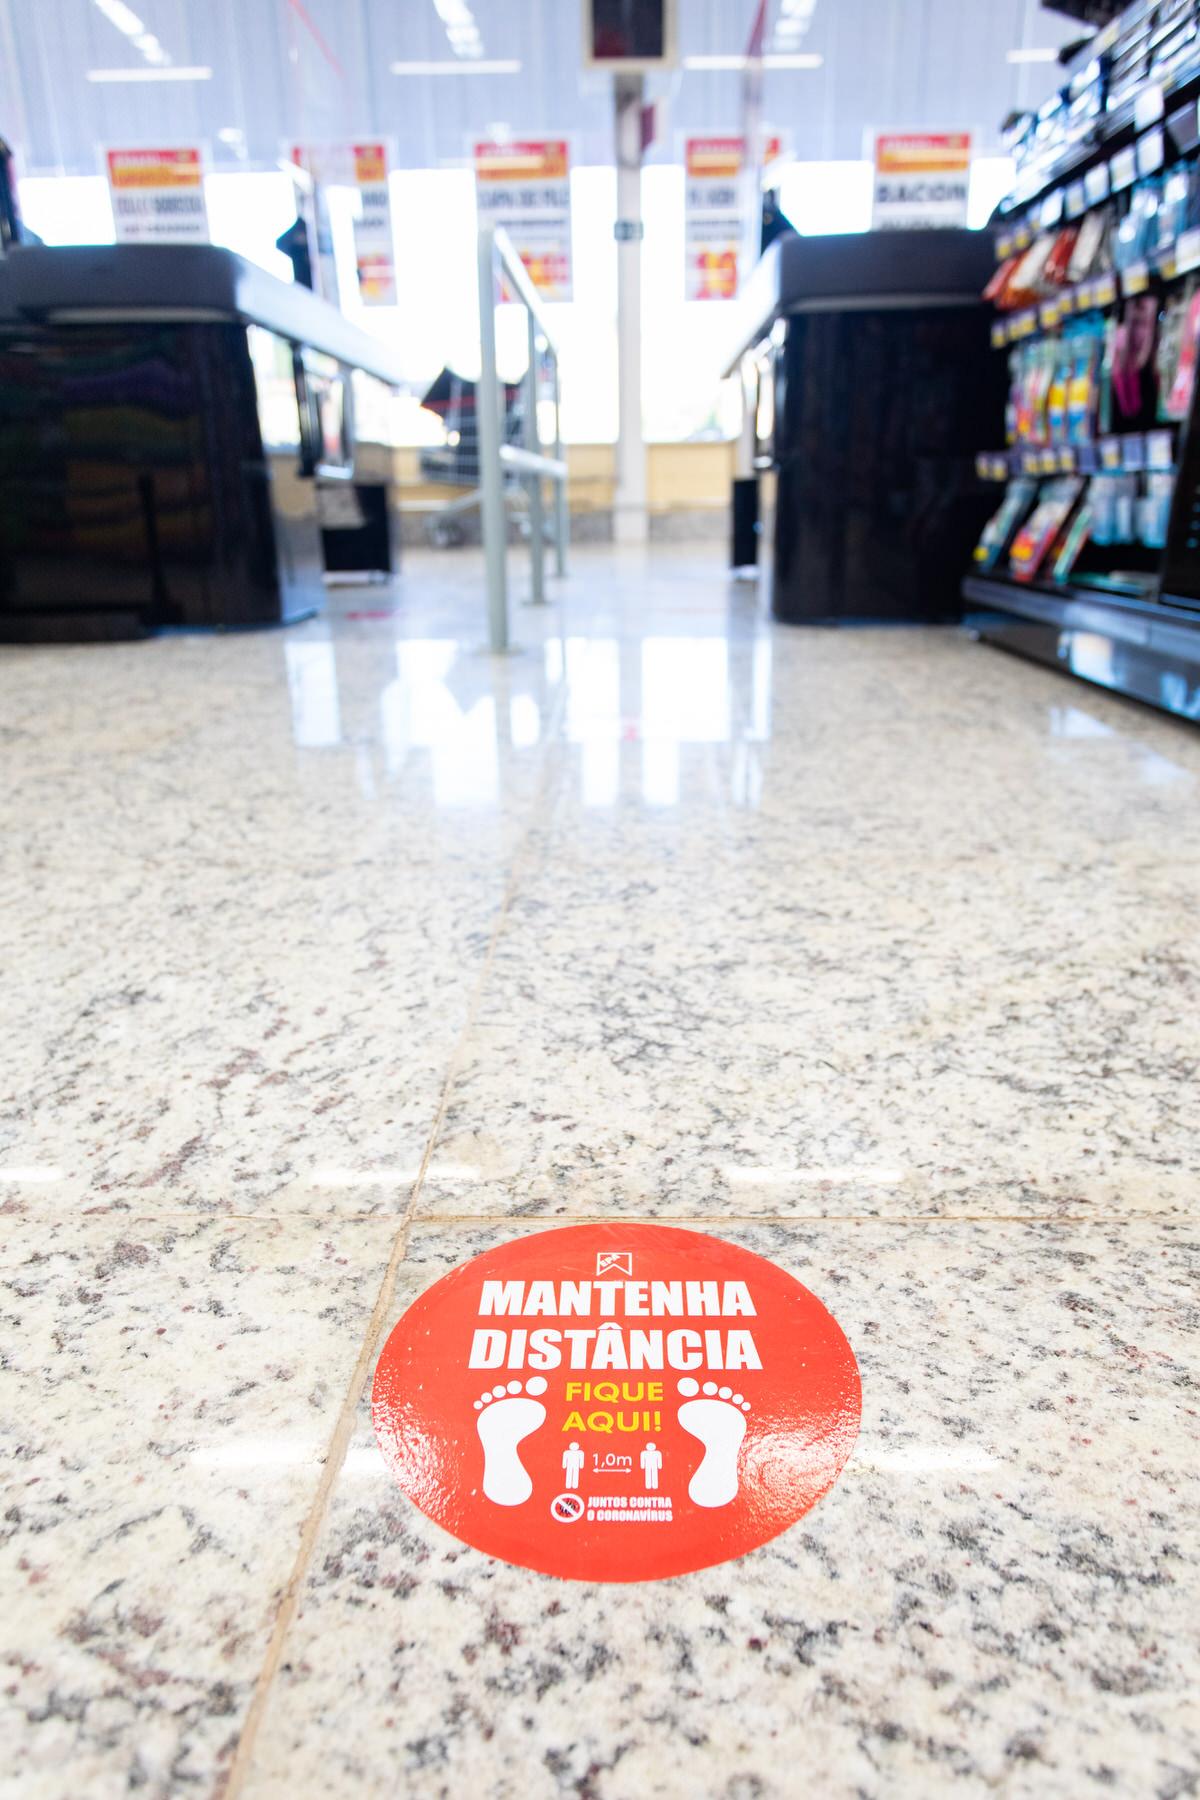 regras de segurança covid19 em supermercados